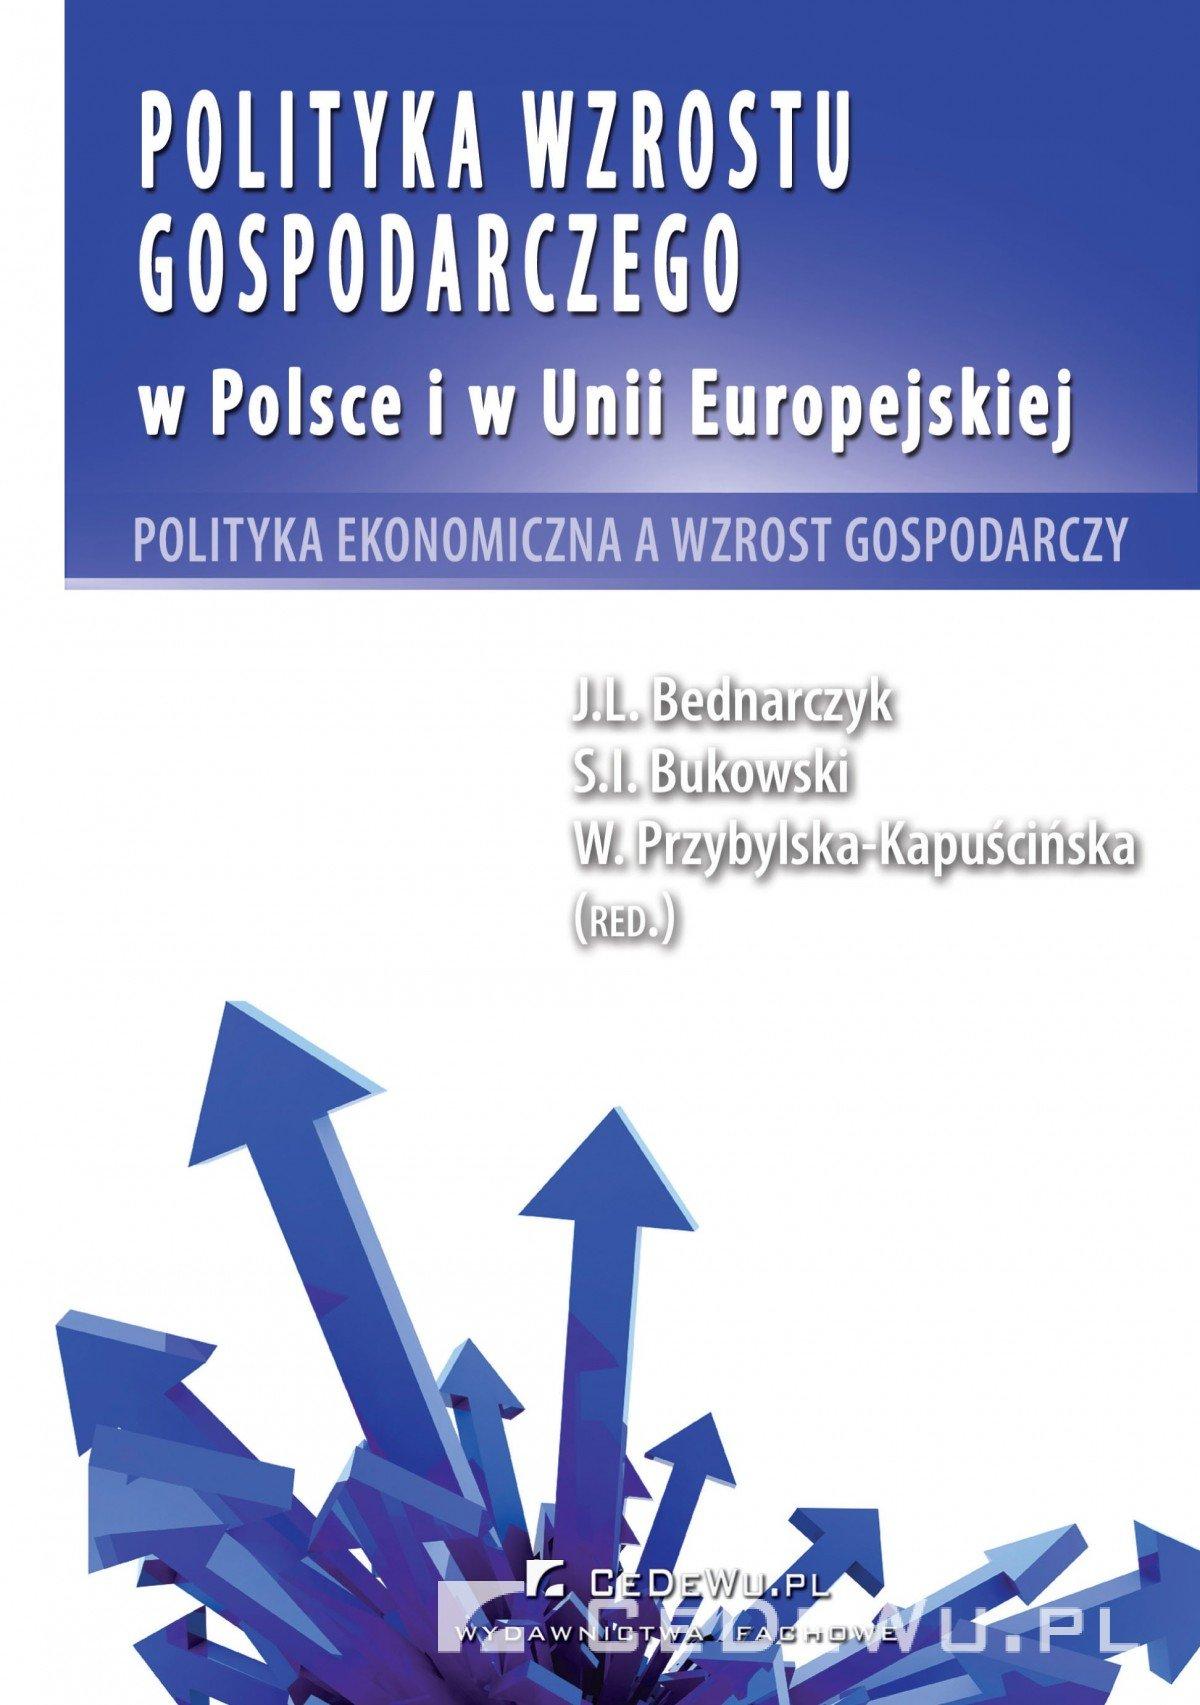 Polityka wzrostu gospodarczego w Polsce i w Unii Europejskiej. Polityka ekonomiczna a wzrost gospodarczy - Ebook (Książka PDF) do pobrania w formacie PDF